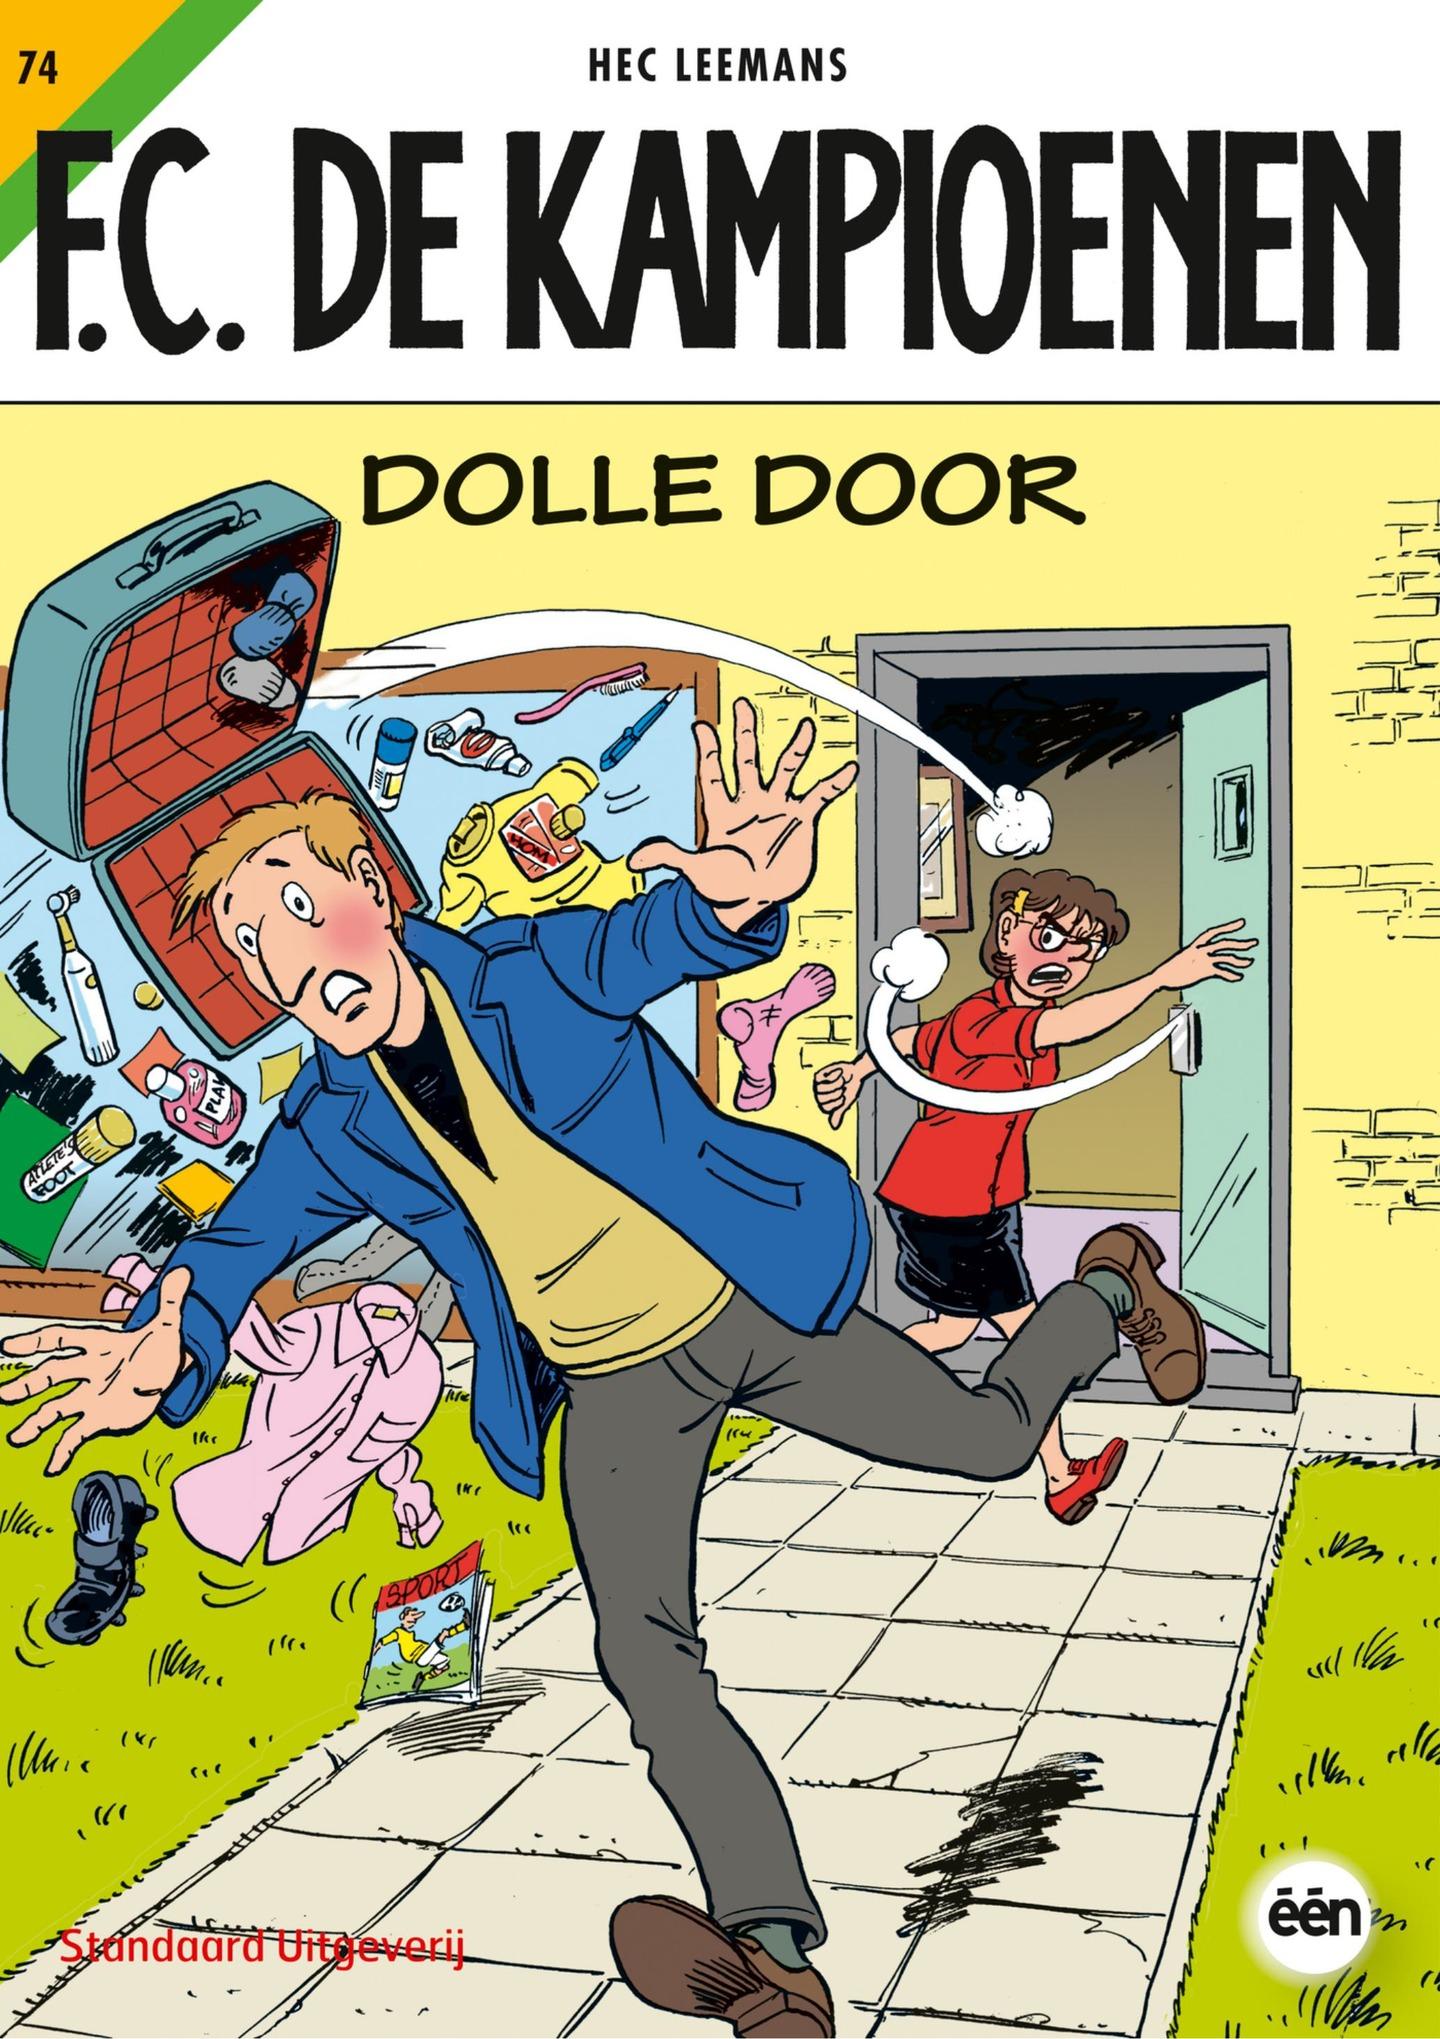 Dolle door